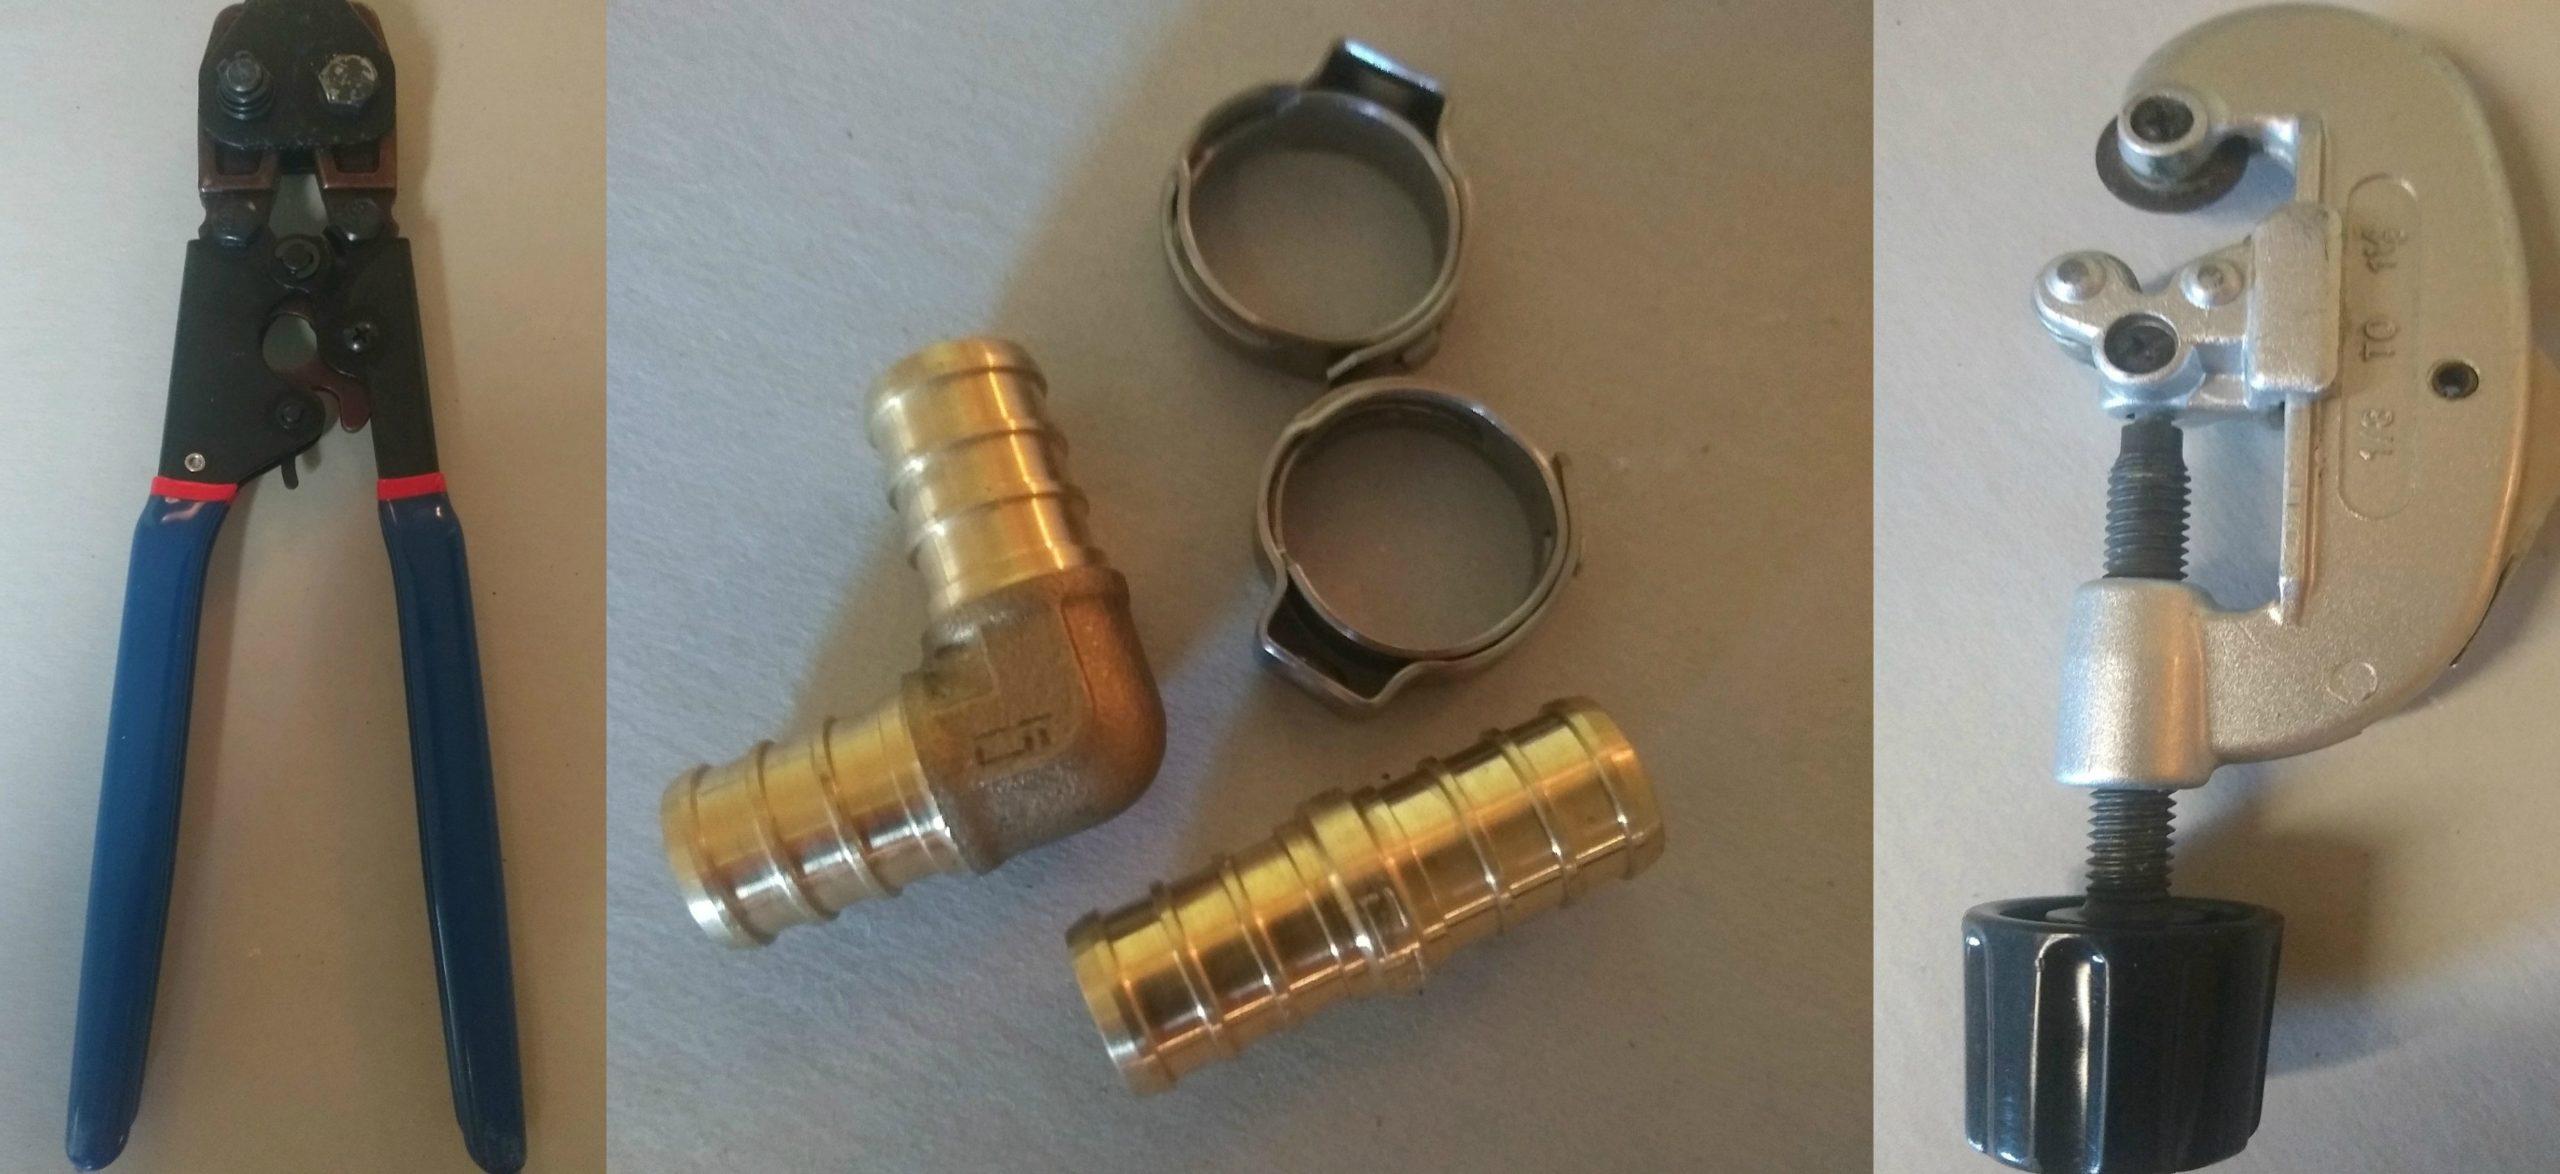 PEX crimper, bands, fittings, cutter